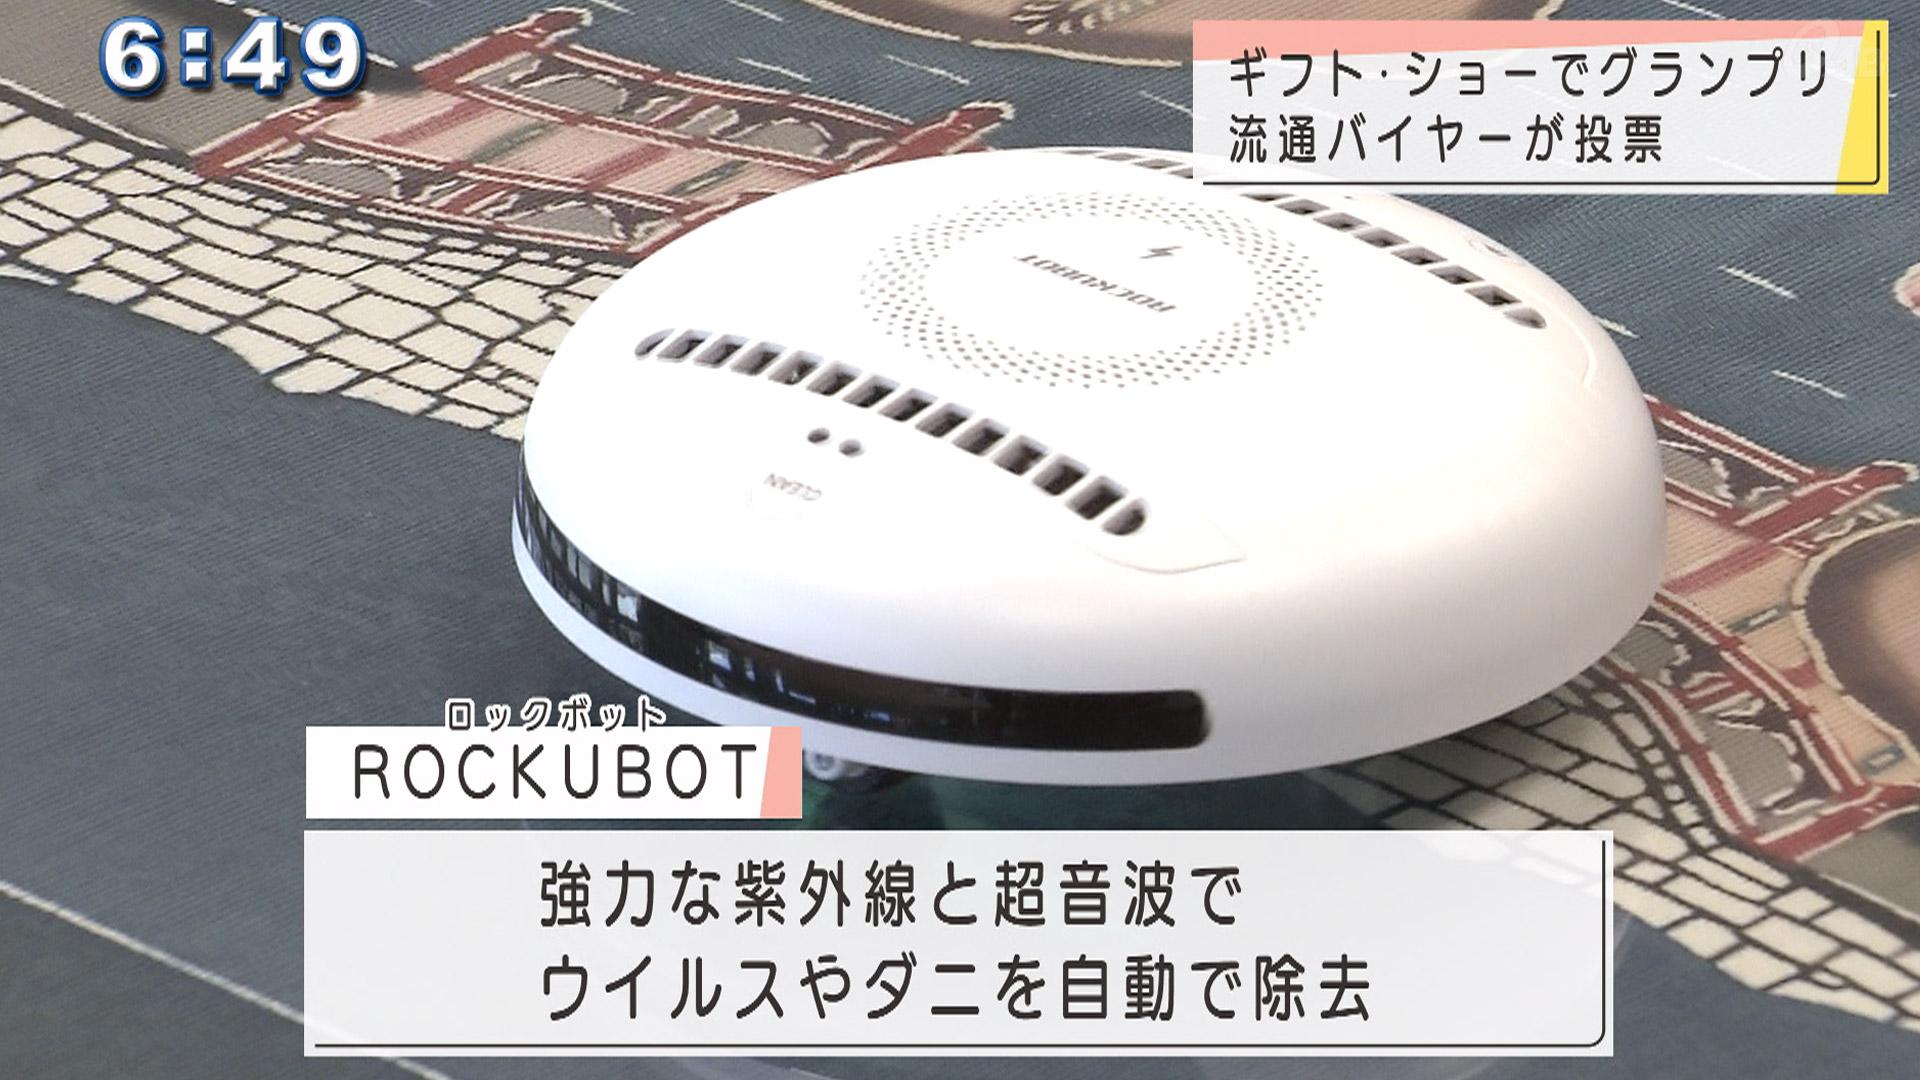 県内企業 除菌ロボットでギフトショーグランプリ